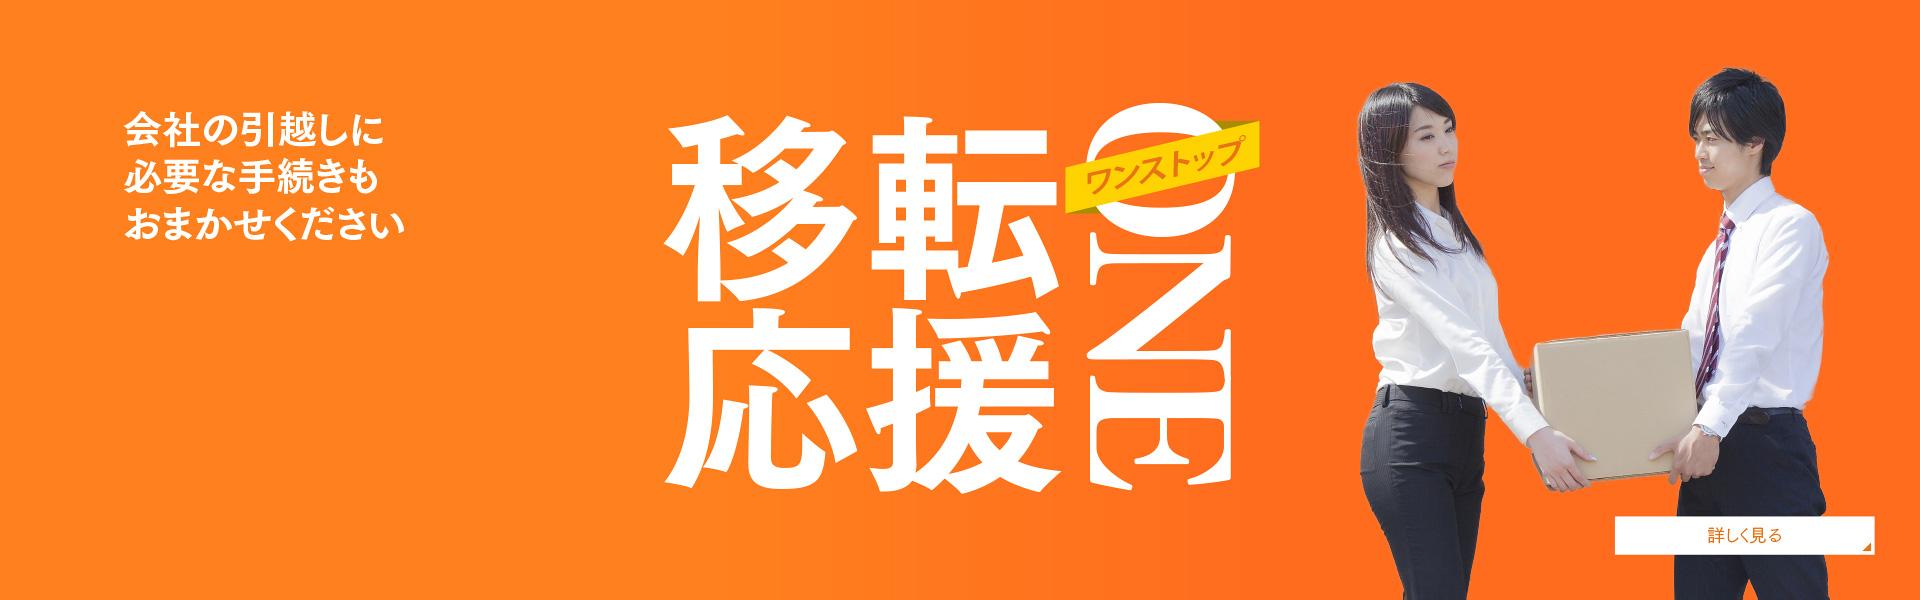 秋田で移転するなら、コネクトにおまかせ 移転応援ワンストップ